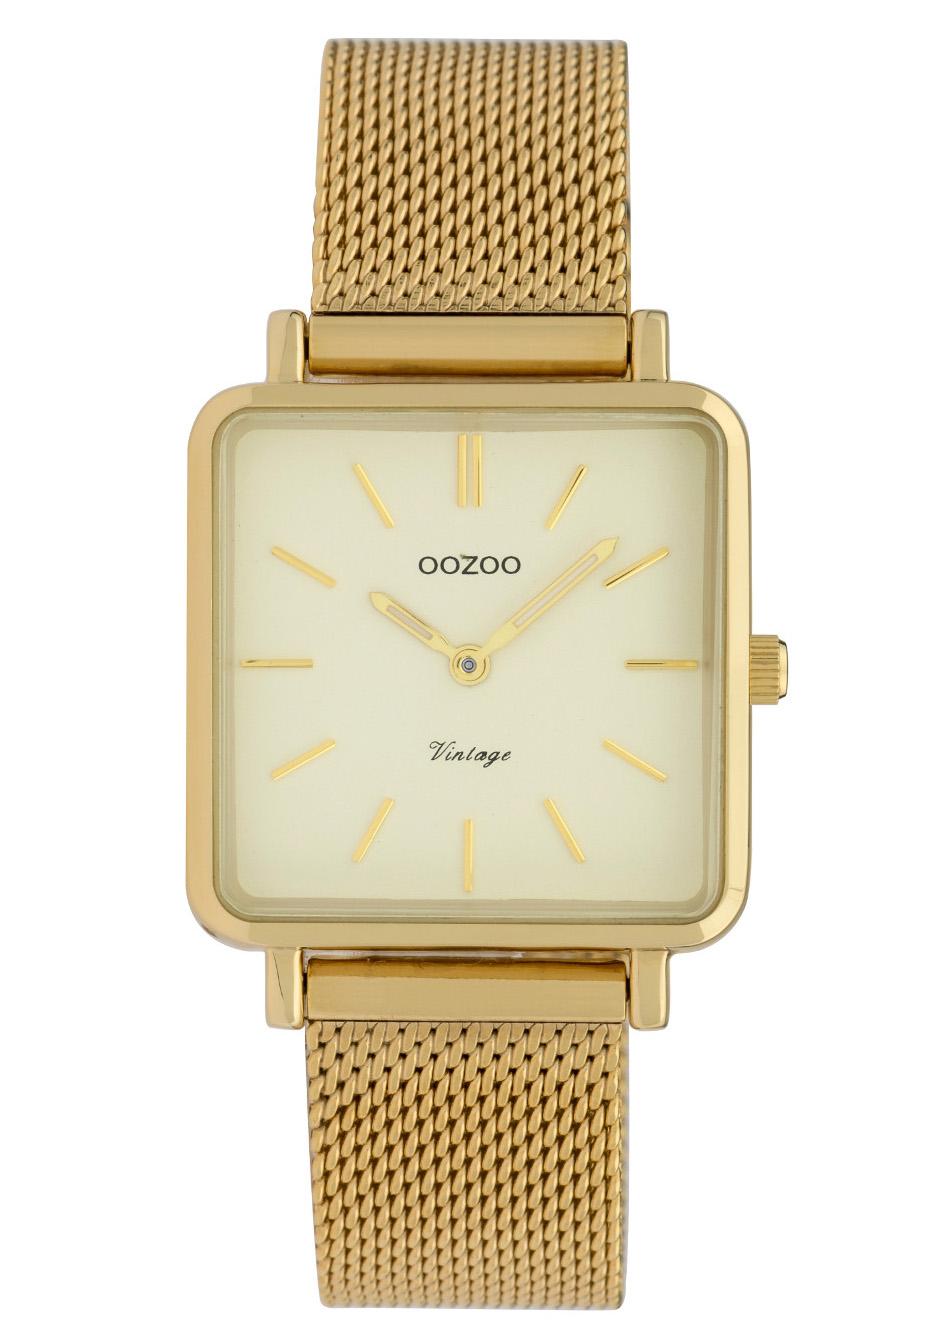 OOZOO C9844 Horloge staal/mesh champagne-goudkleurig 29 x 29 mm